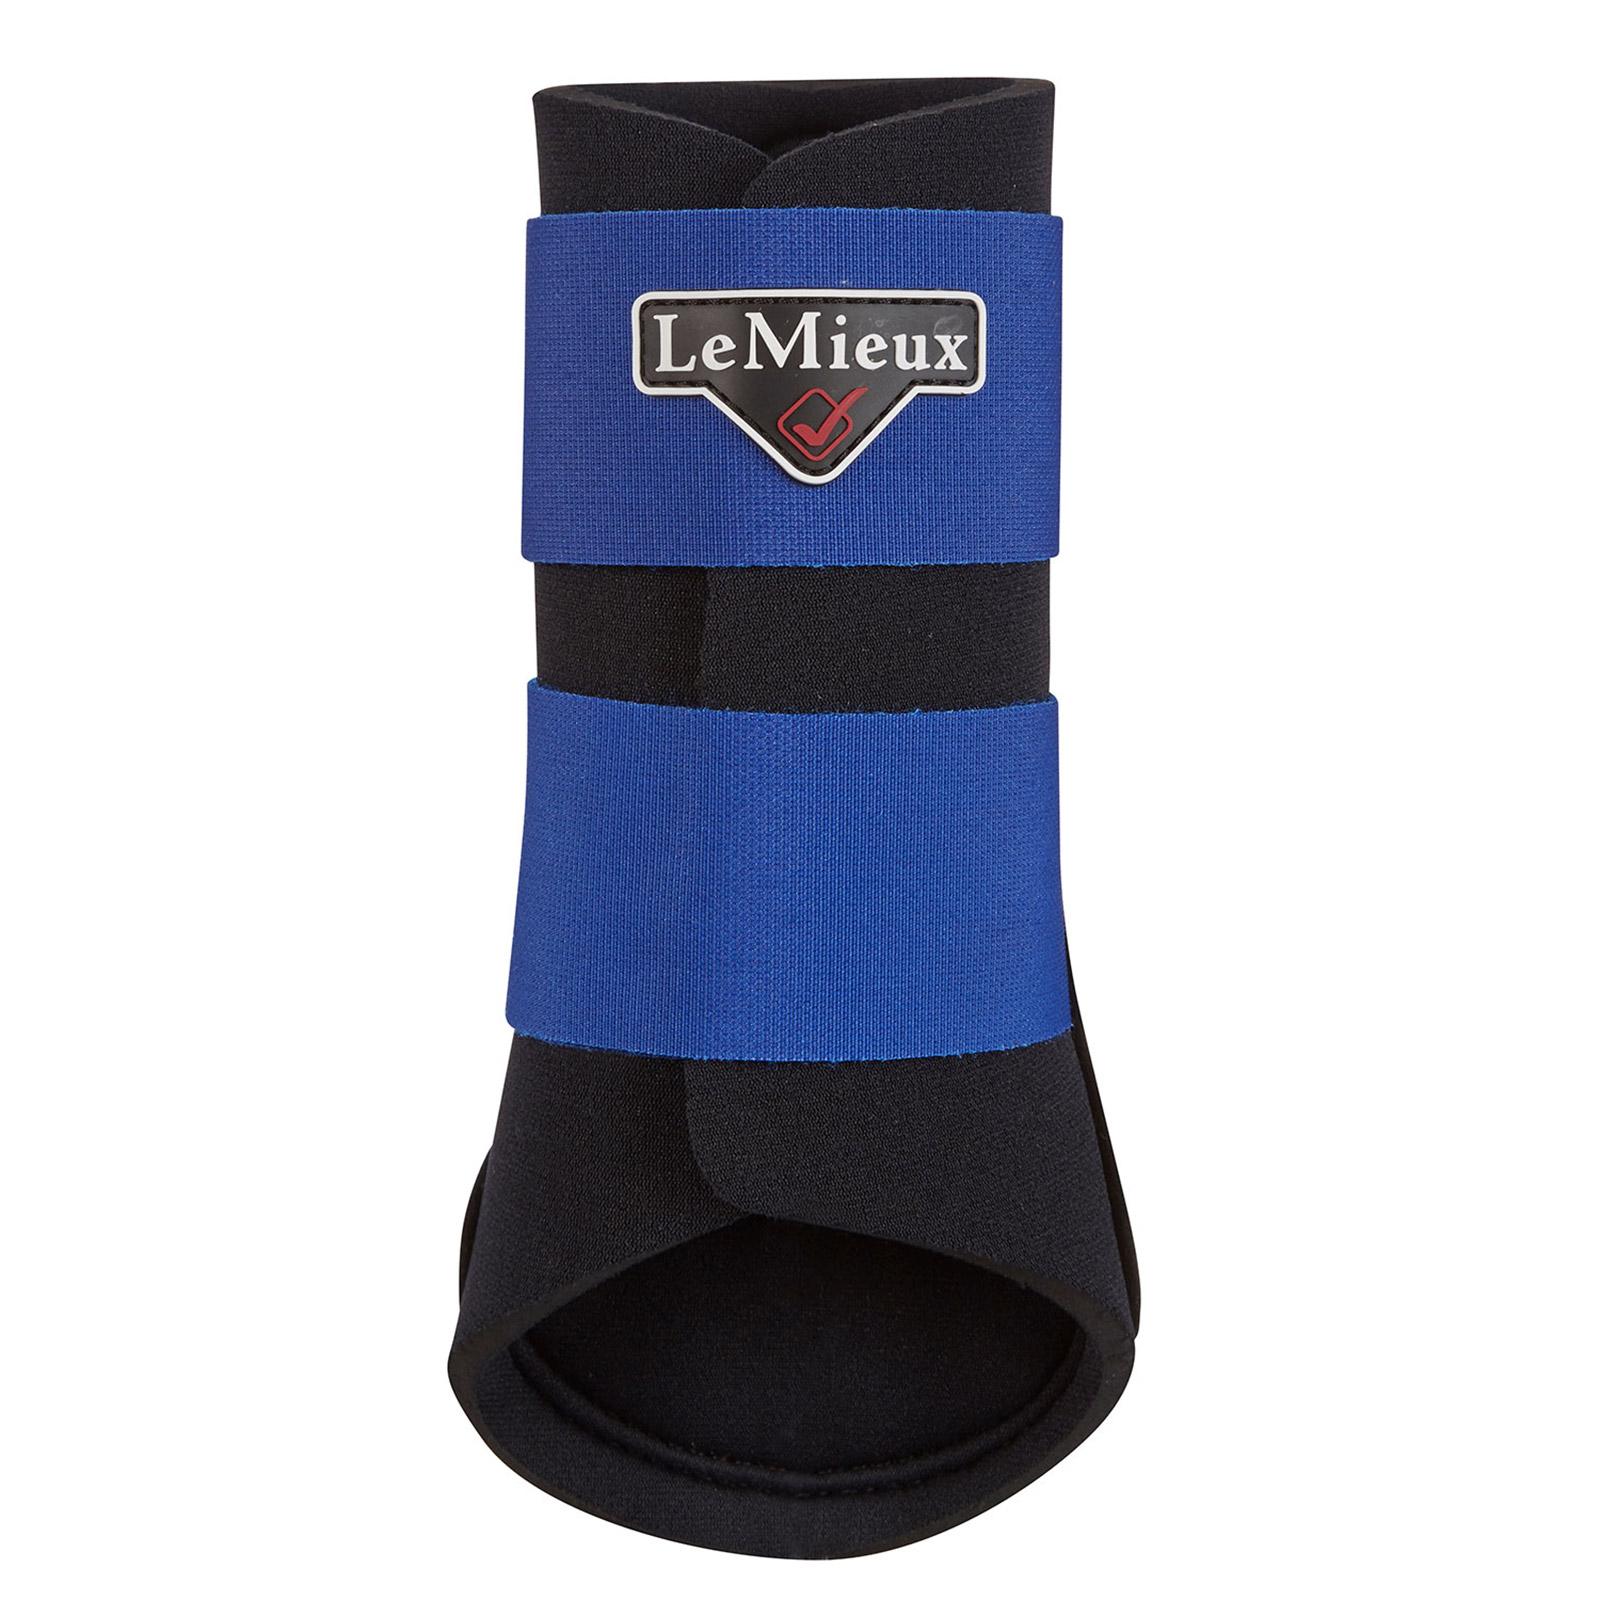 LEMIEUX-PROSPORT-Grafter-Brossage-Bottes-Leger-Protection miniature 3